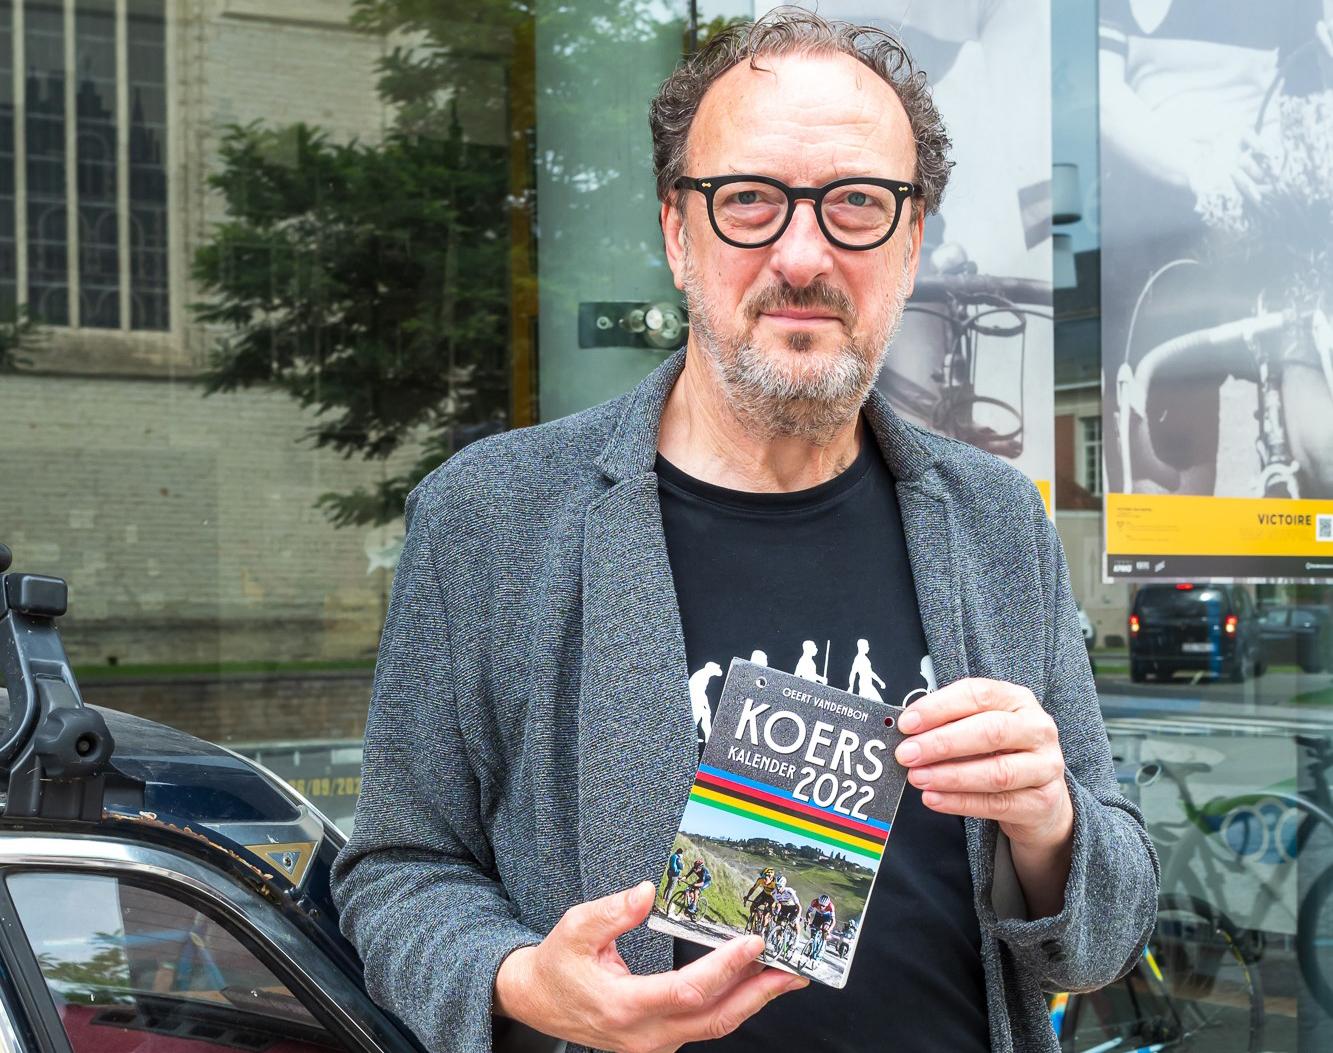 Koerskalender - Geert Vandenbon